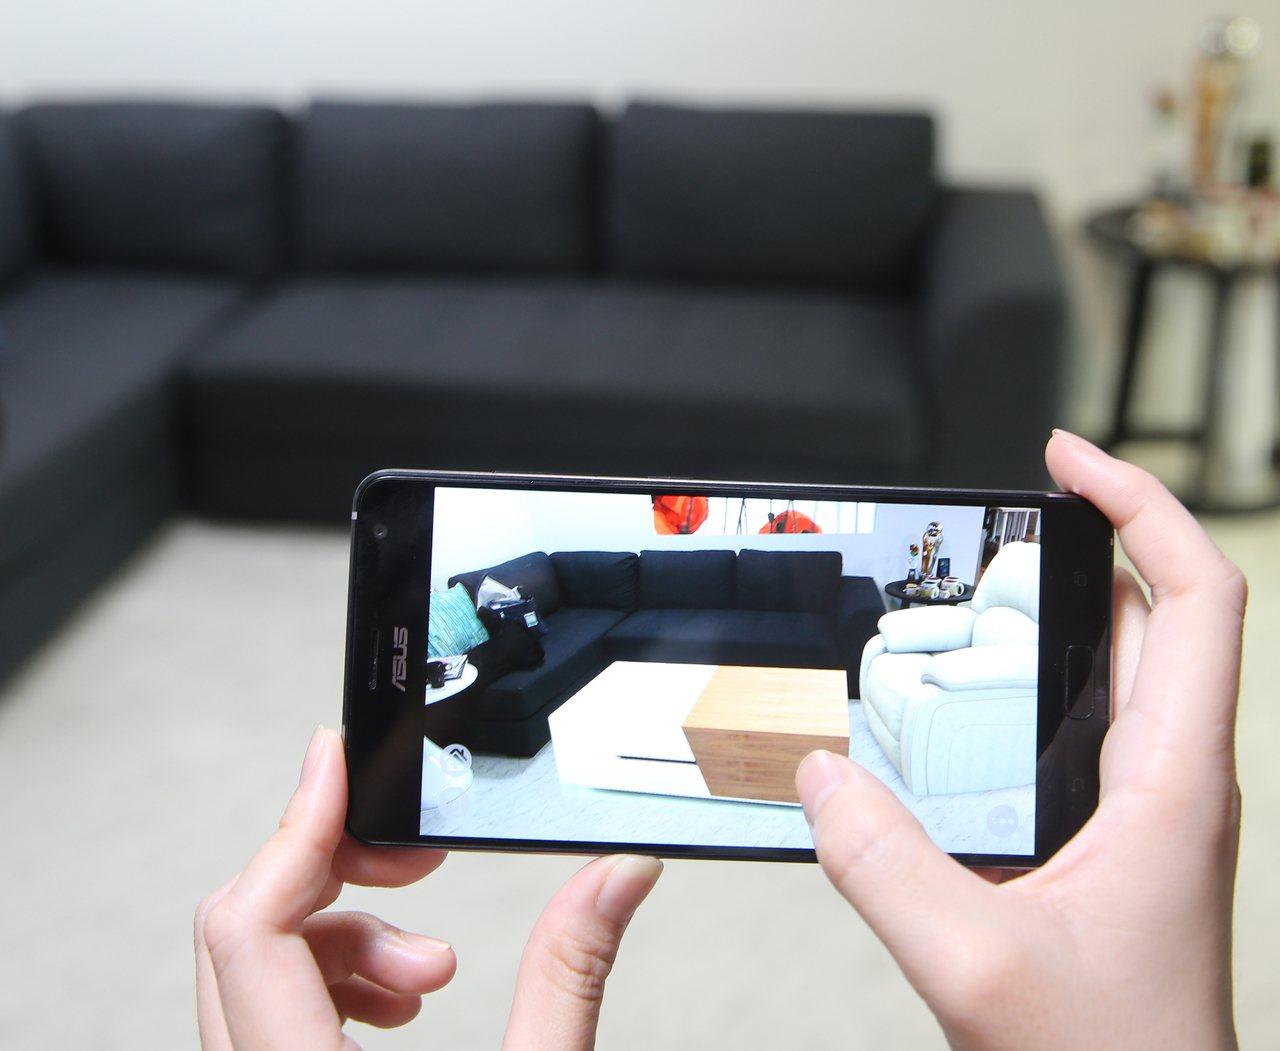 數位宅妝公司,從居家設計切入,跨足AR、VR。 記者陳正興/攝影